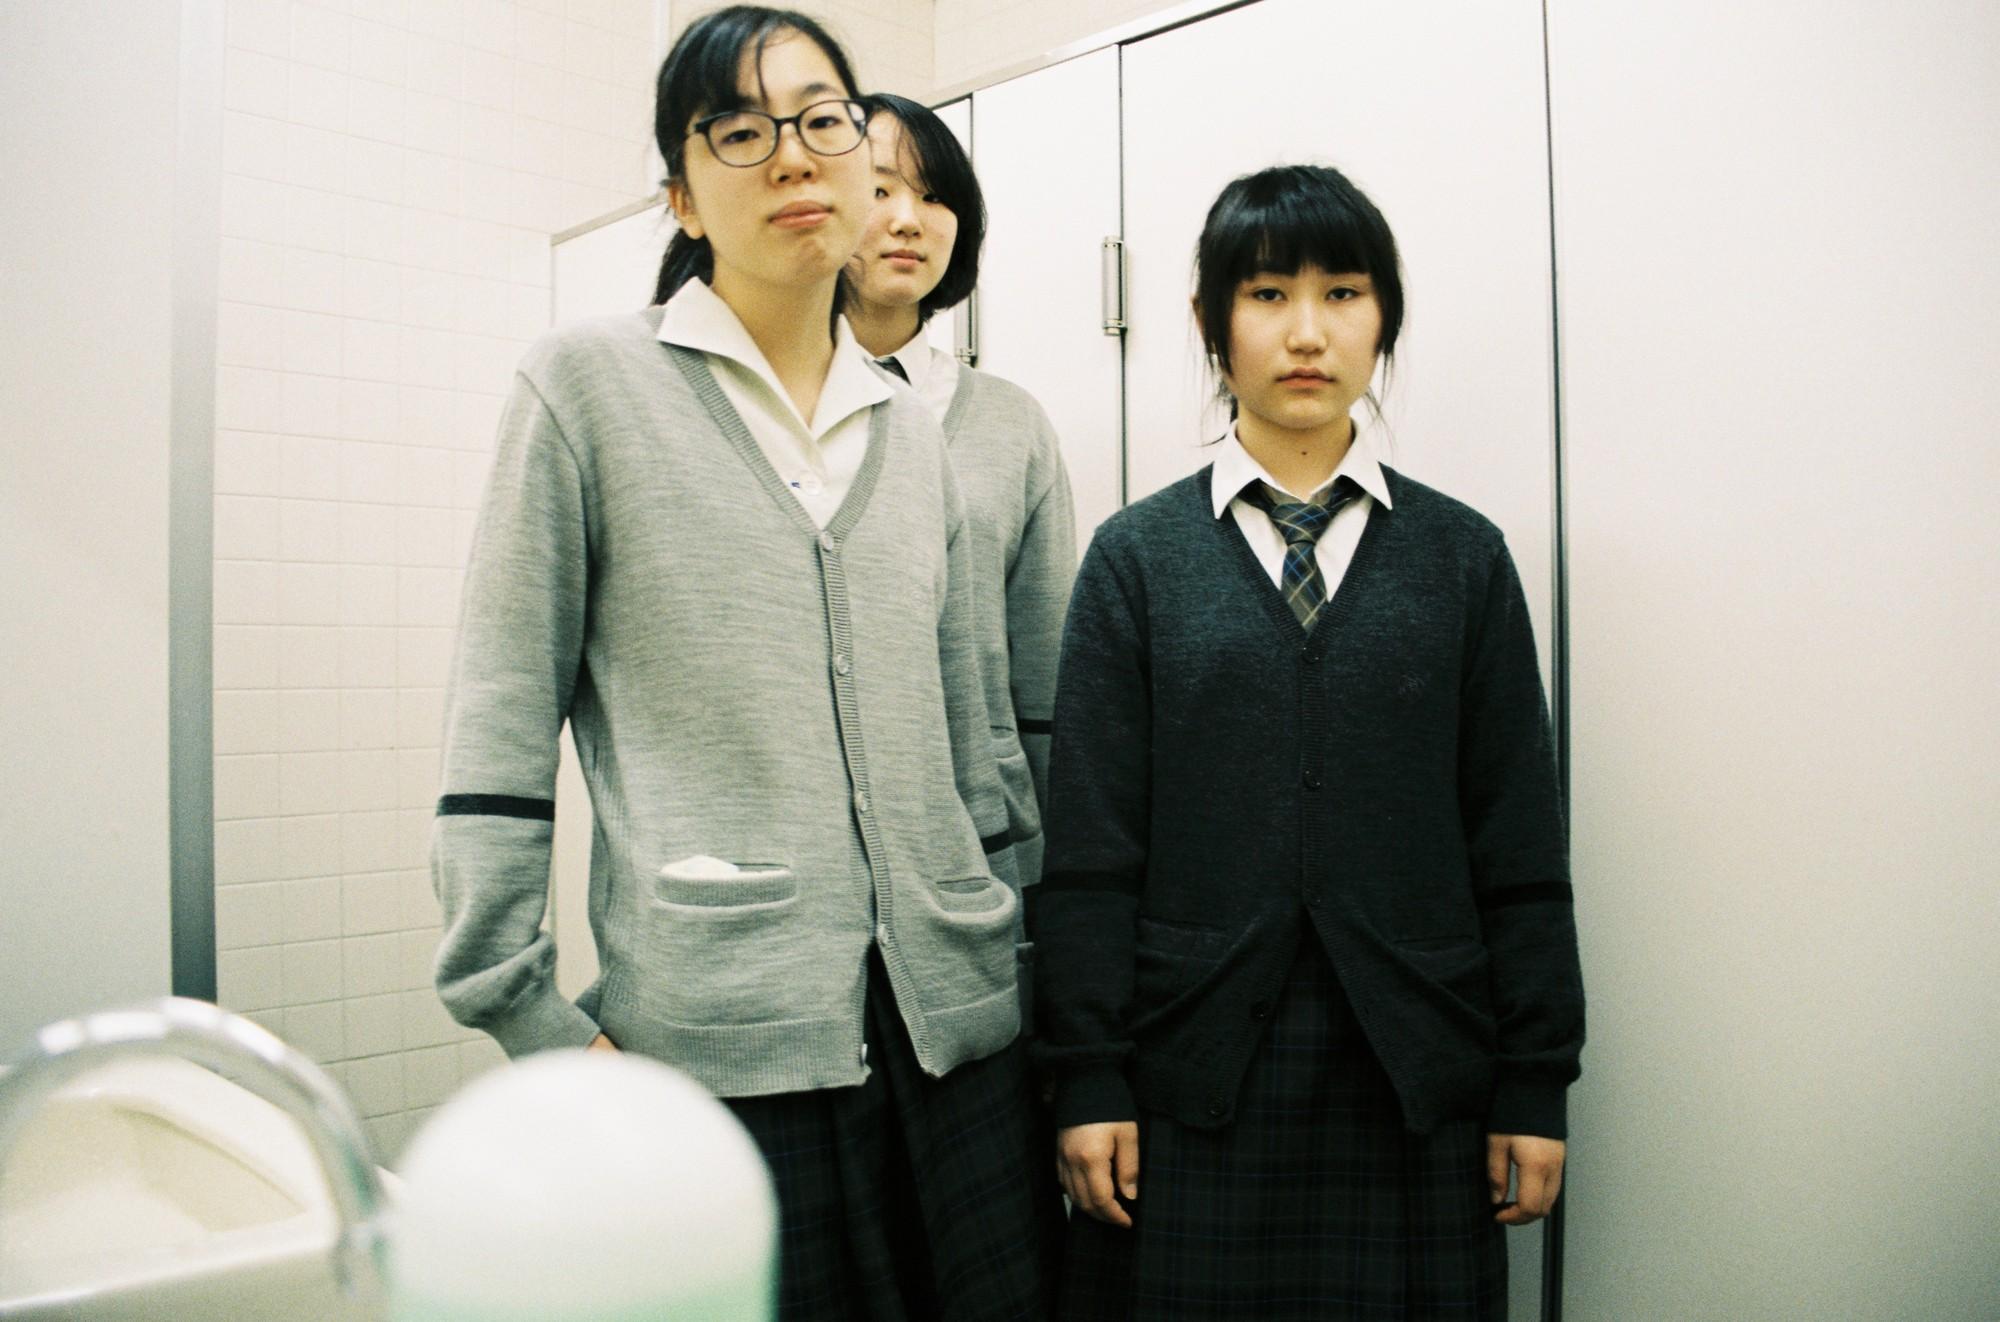 Bộ ảnh độc đáo lột tả cuộc sống nữ sinh trung học Nhật Bản những giờ phút bên ngoài giảng đường - Ảnh 1.